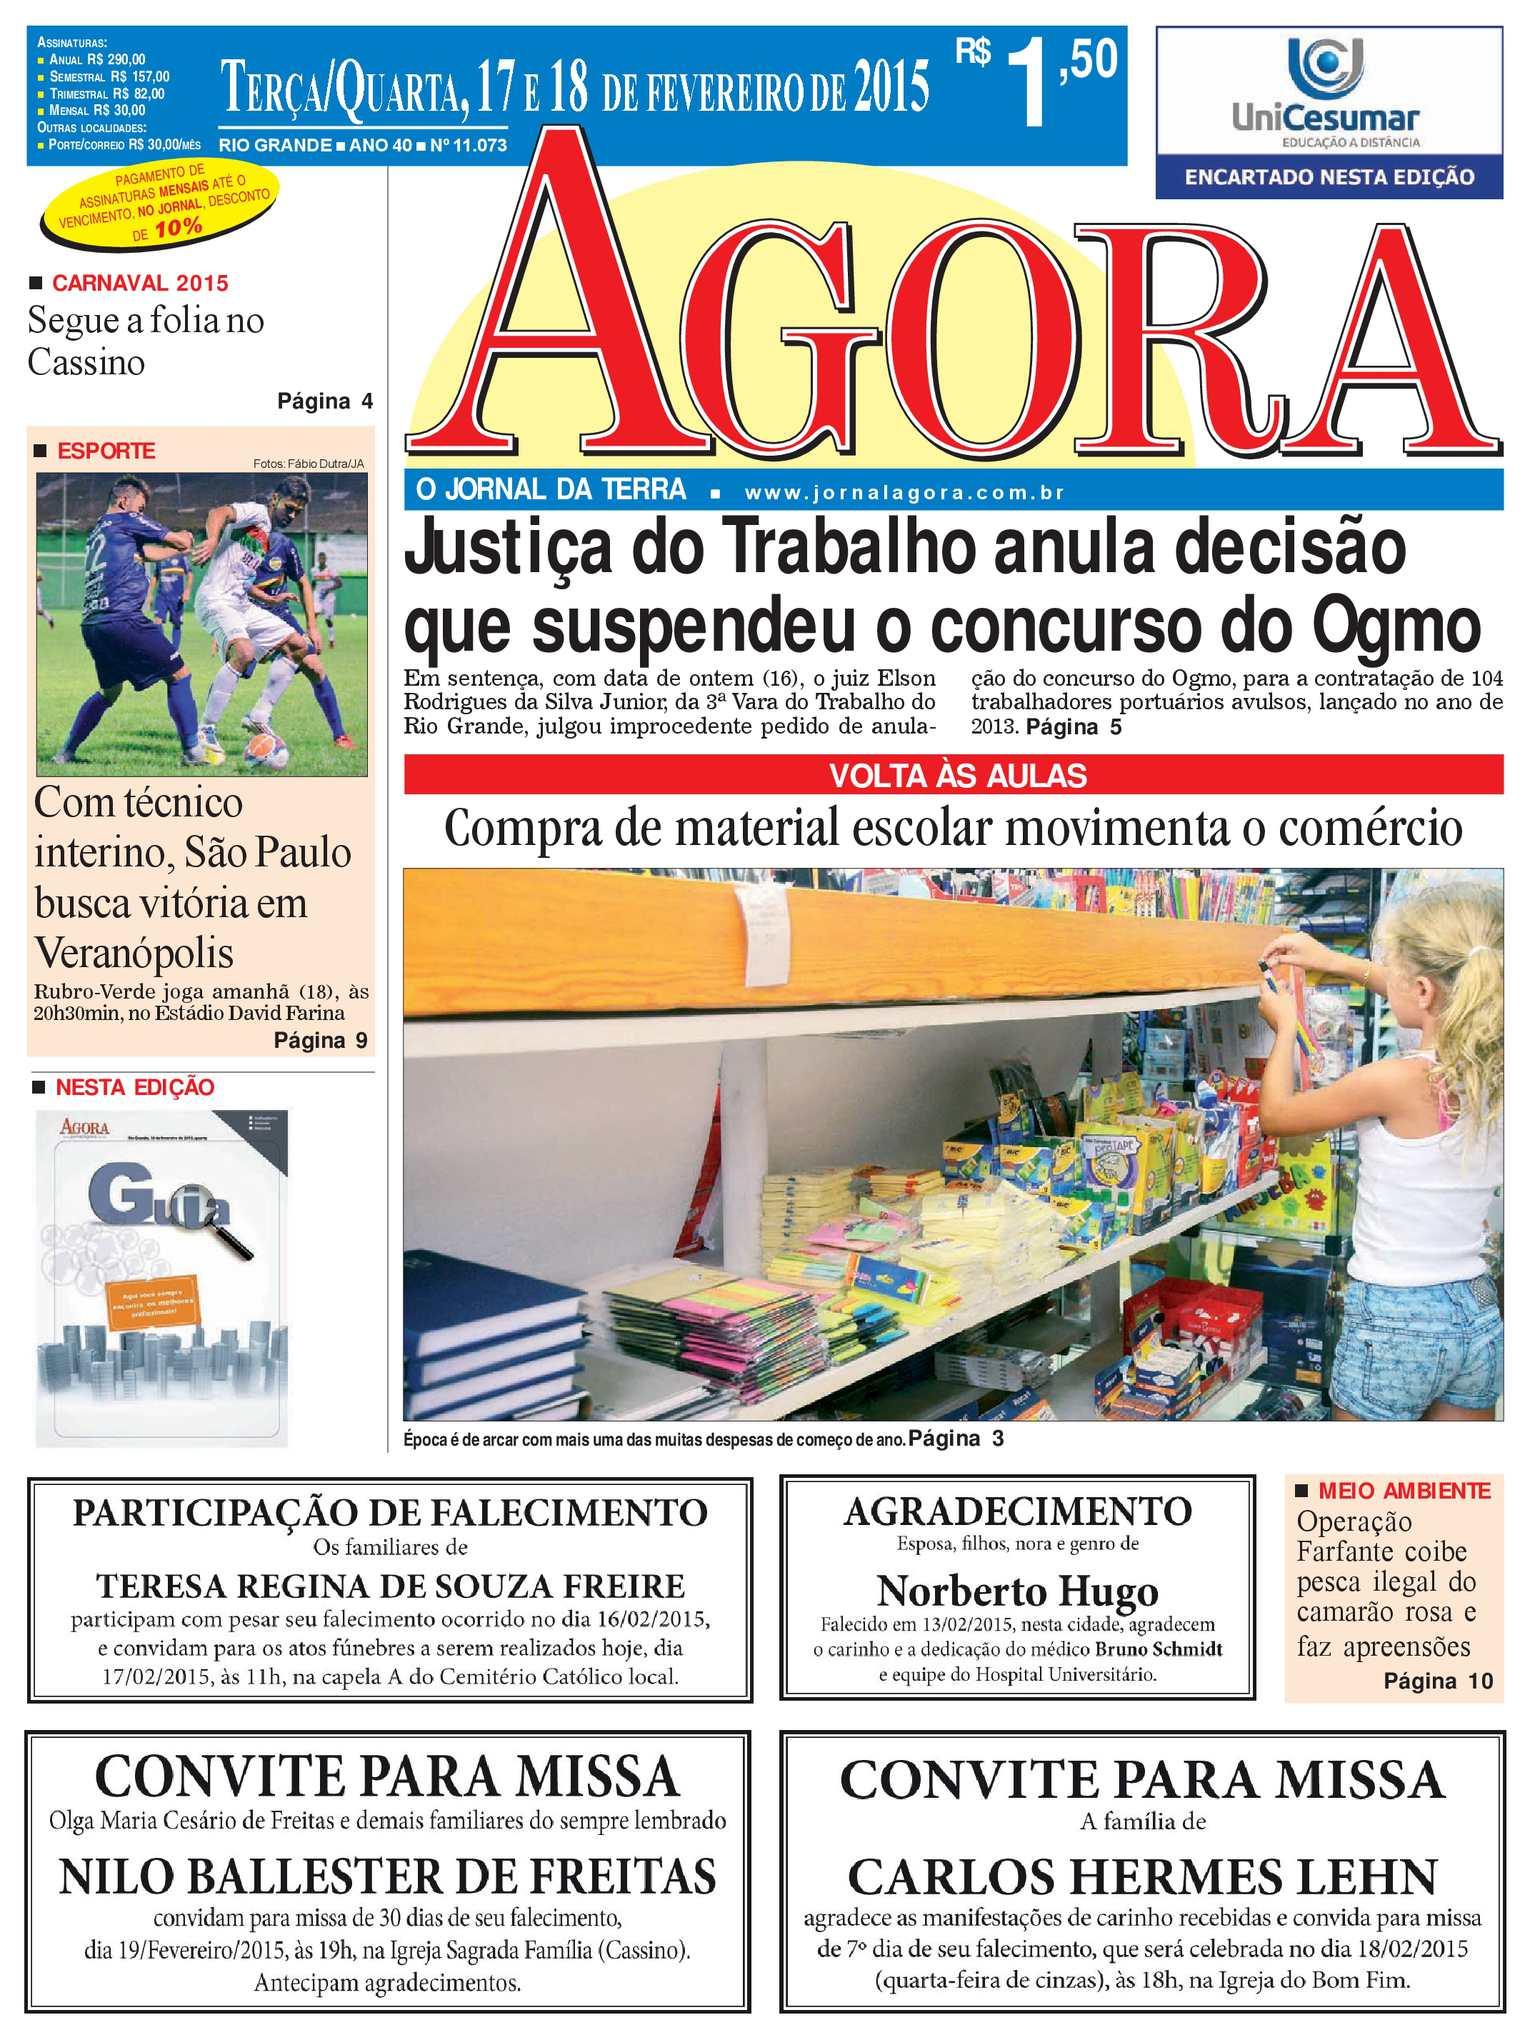 23151a65c32e9 Calaméo - Jornal Agora - Edição 11073 - 17 e 18 de Fevereiro de 2015